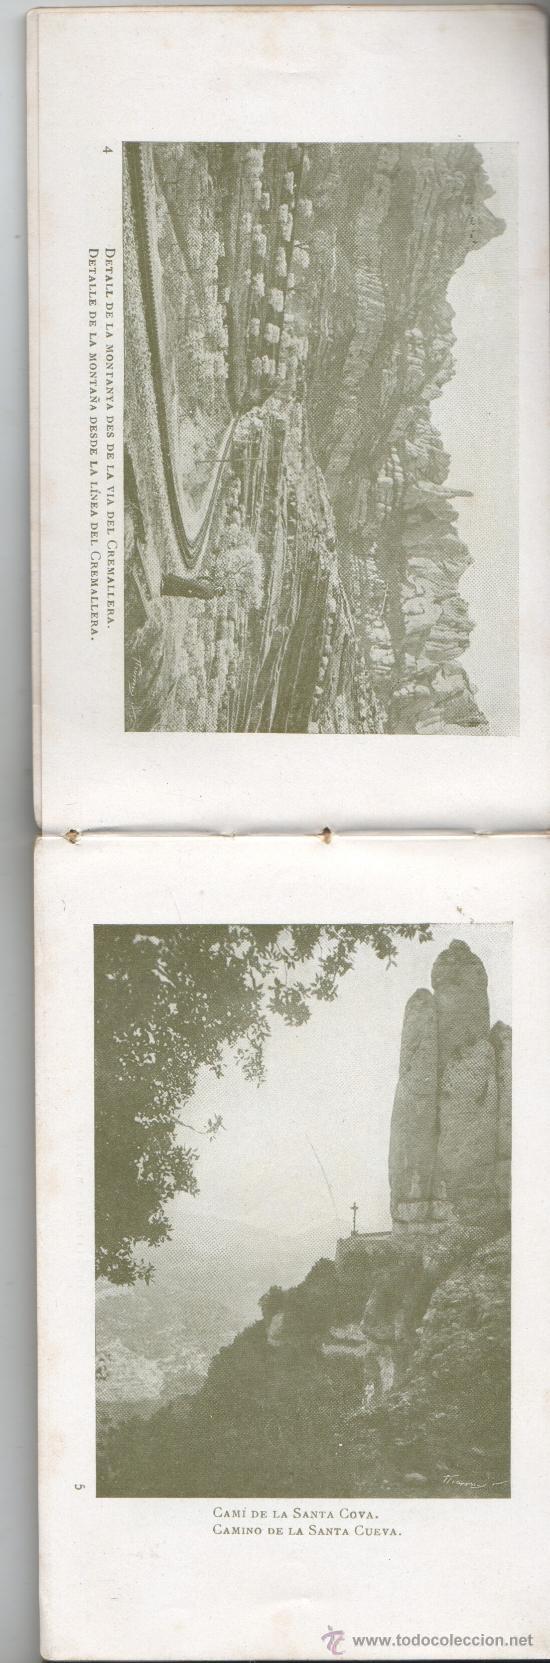 Postales: bloc de postales de montserrat de U.I.O.G.D FOTOS 80 - Foto 3 - 35855146